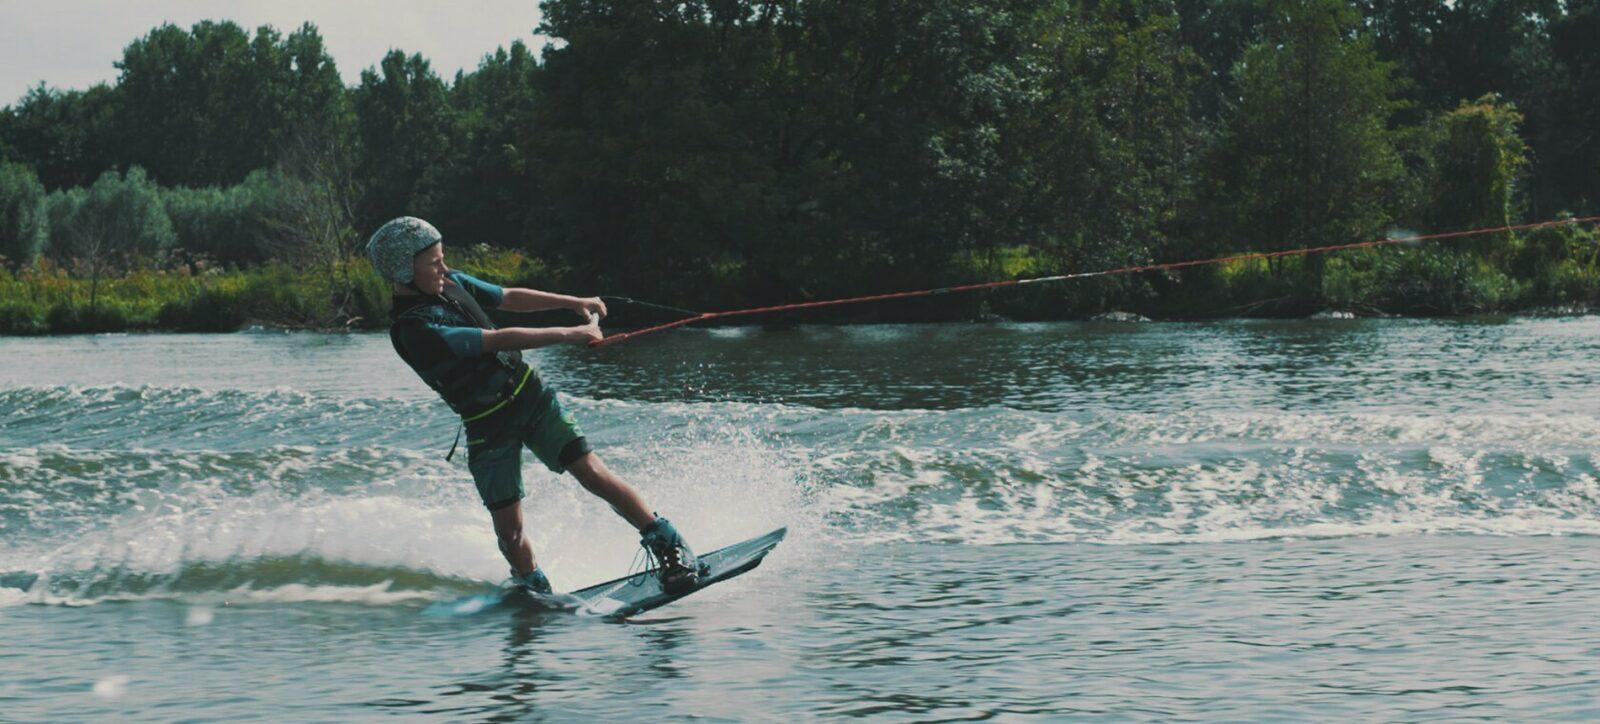 Water sports Leukermeer